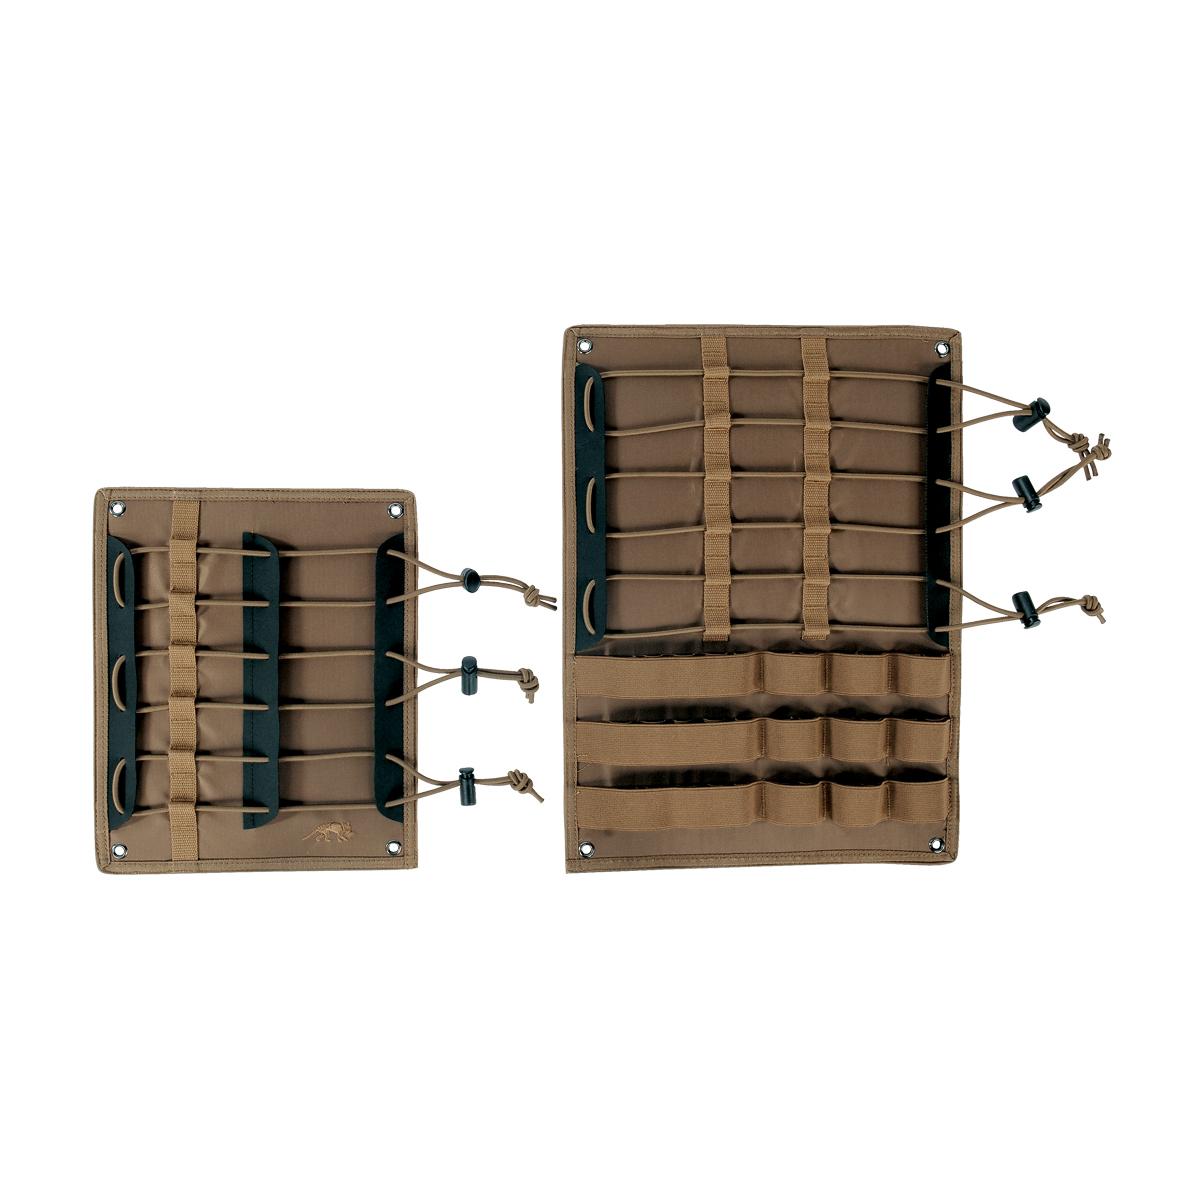 Медицинские панели на велкро, набор TT MEDIC PANEL EL SET coyote brown, 7578.346 - артикул: 821390193